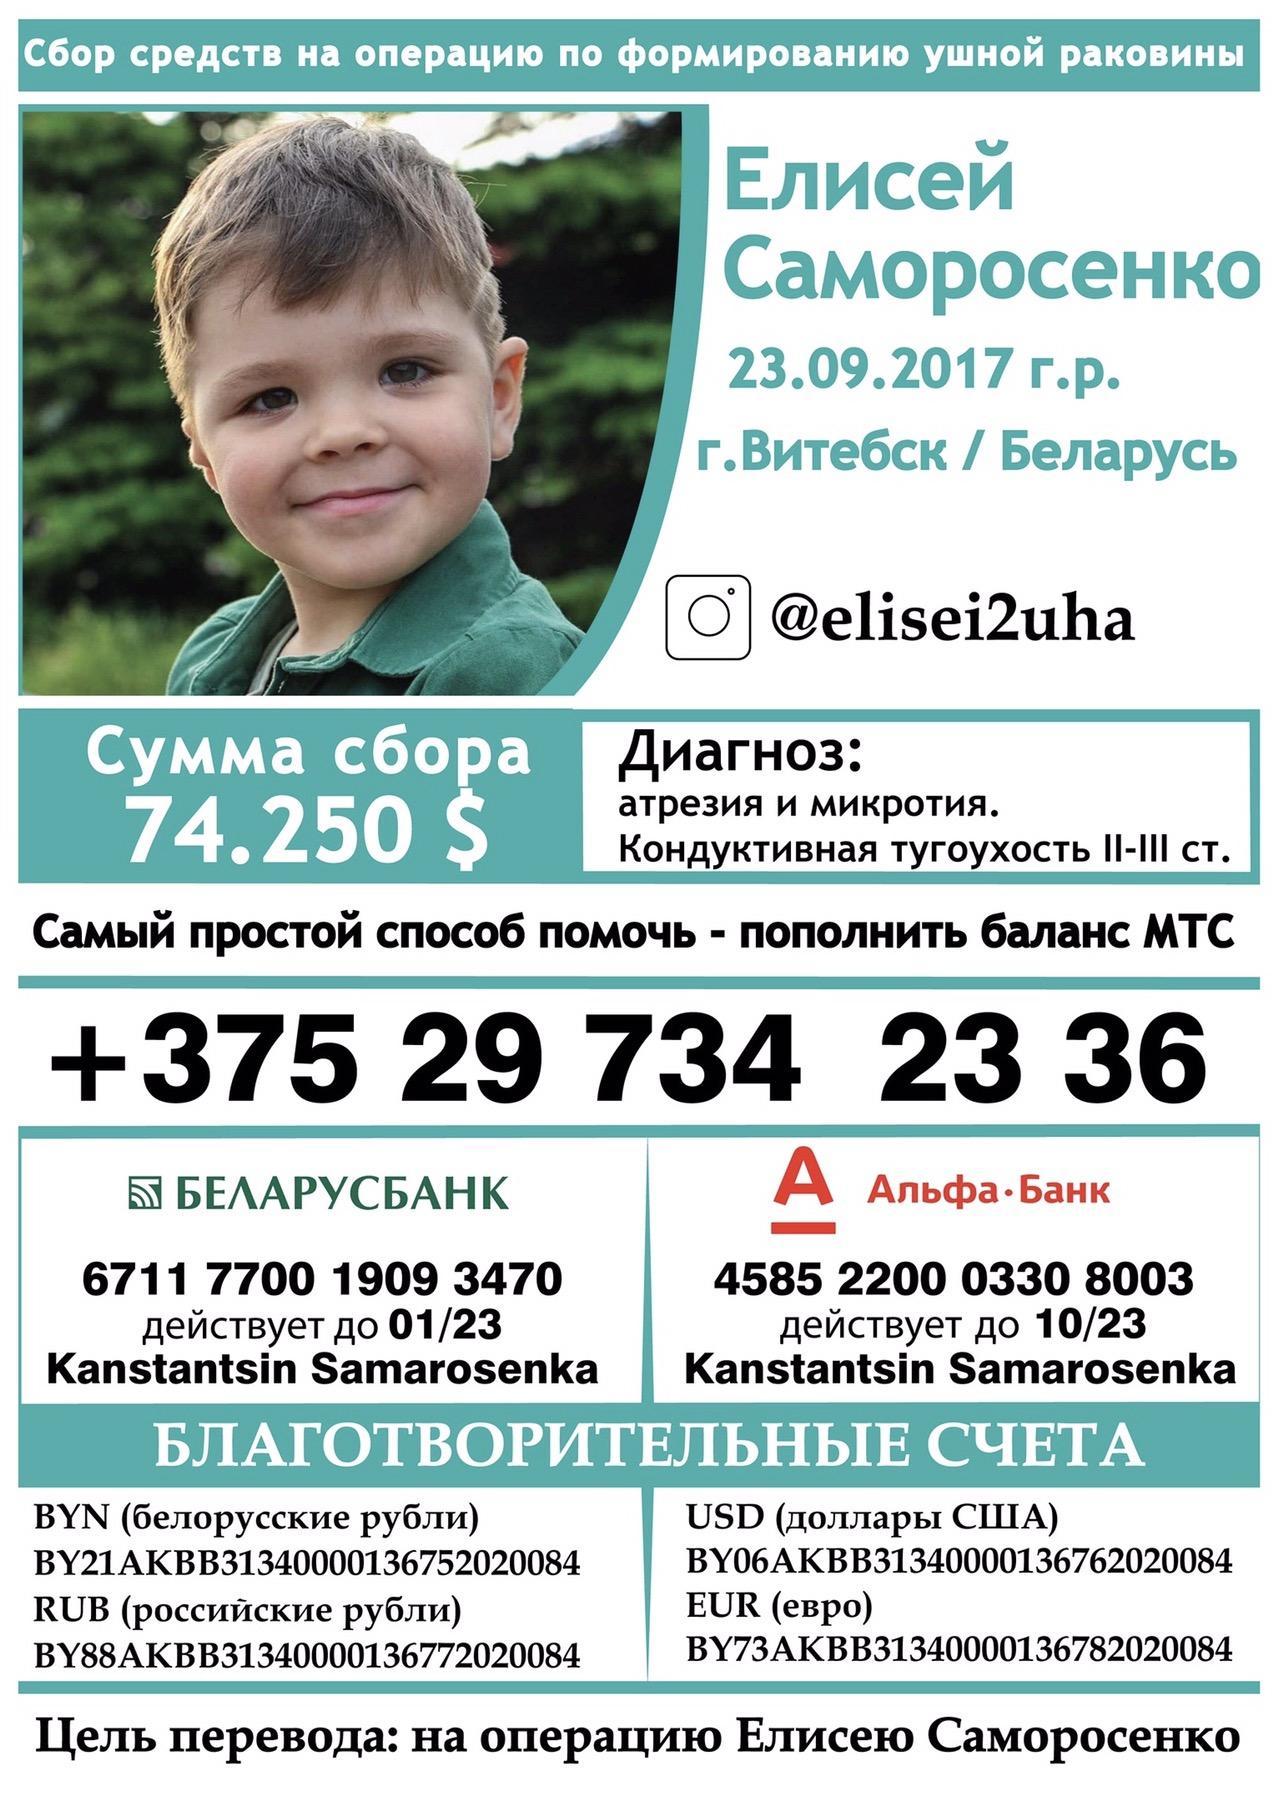 Письмо о помощи Саморосенко Елисею